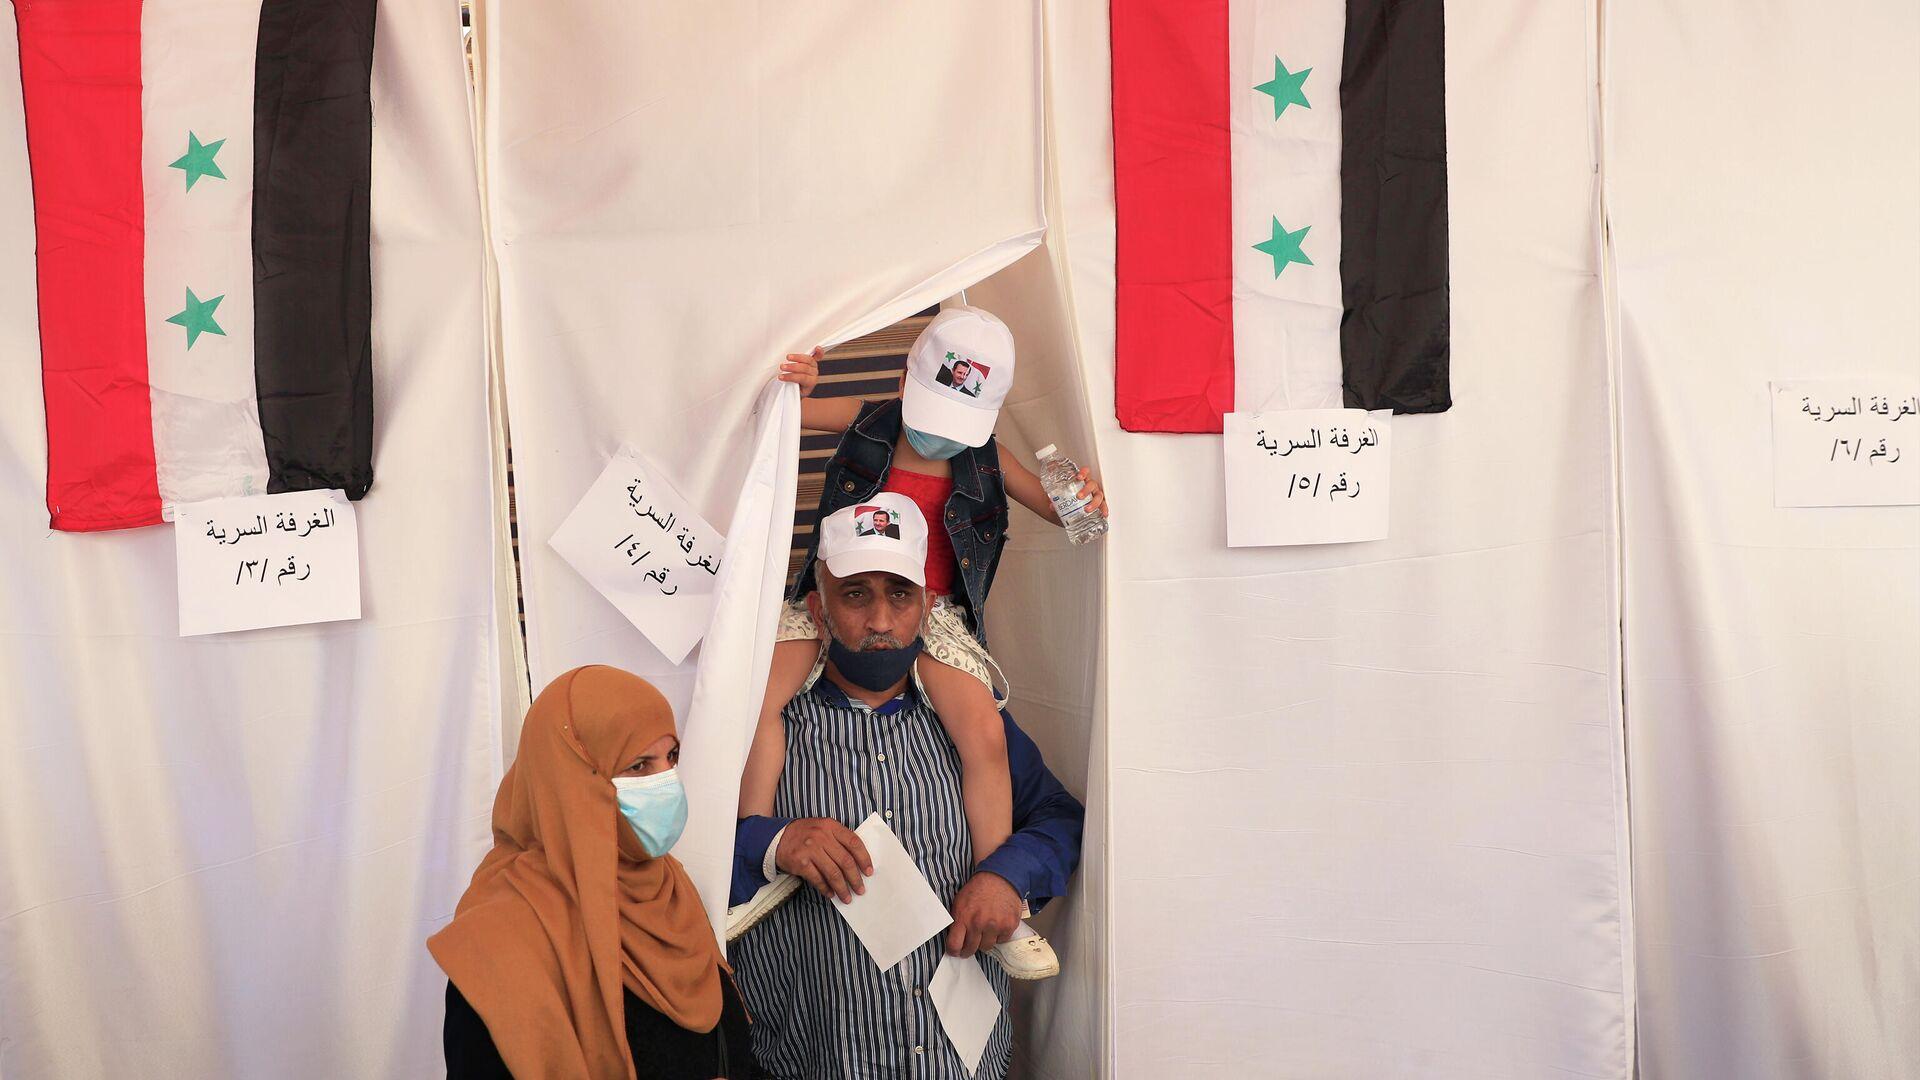 Досрочное голосование перед президентскими выборами 26 мая в посольстве Сирии, Ливан - РИА Новости, 1920, 25.05.2021